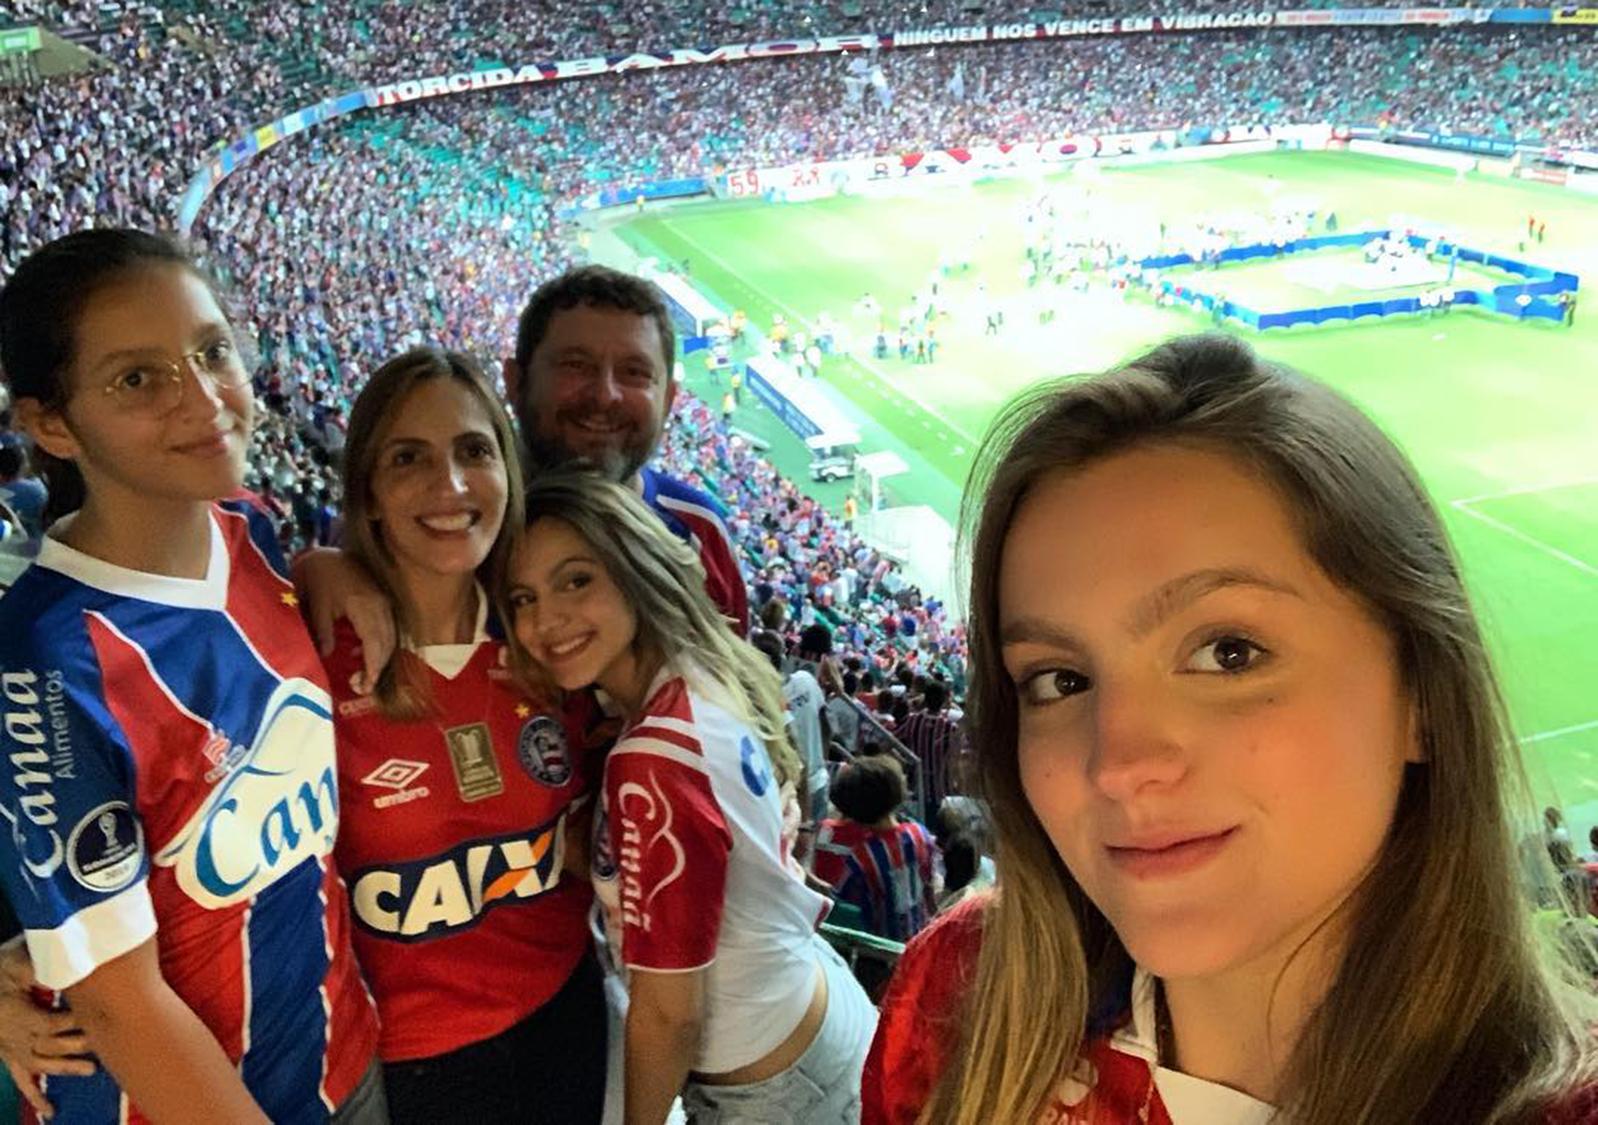 Stela Sá Sarmento é a aniversariante, na foto ela está com as filhas e o esposo Marcelo Sarmento